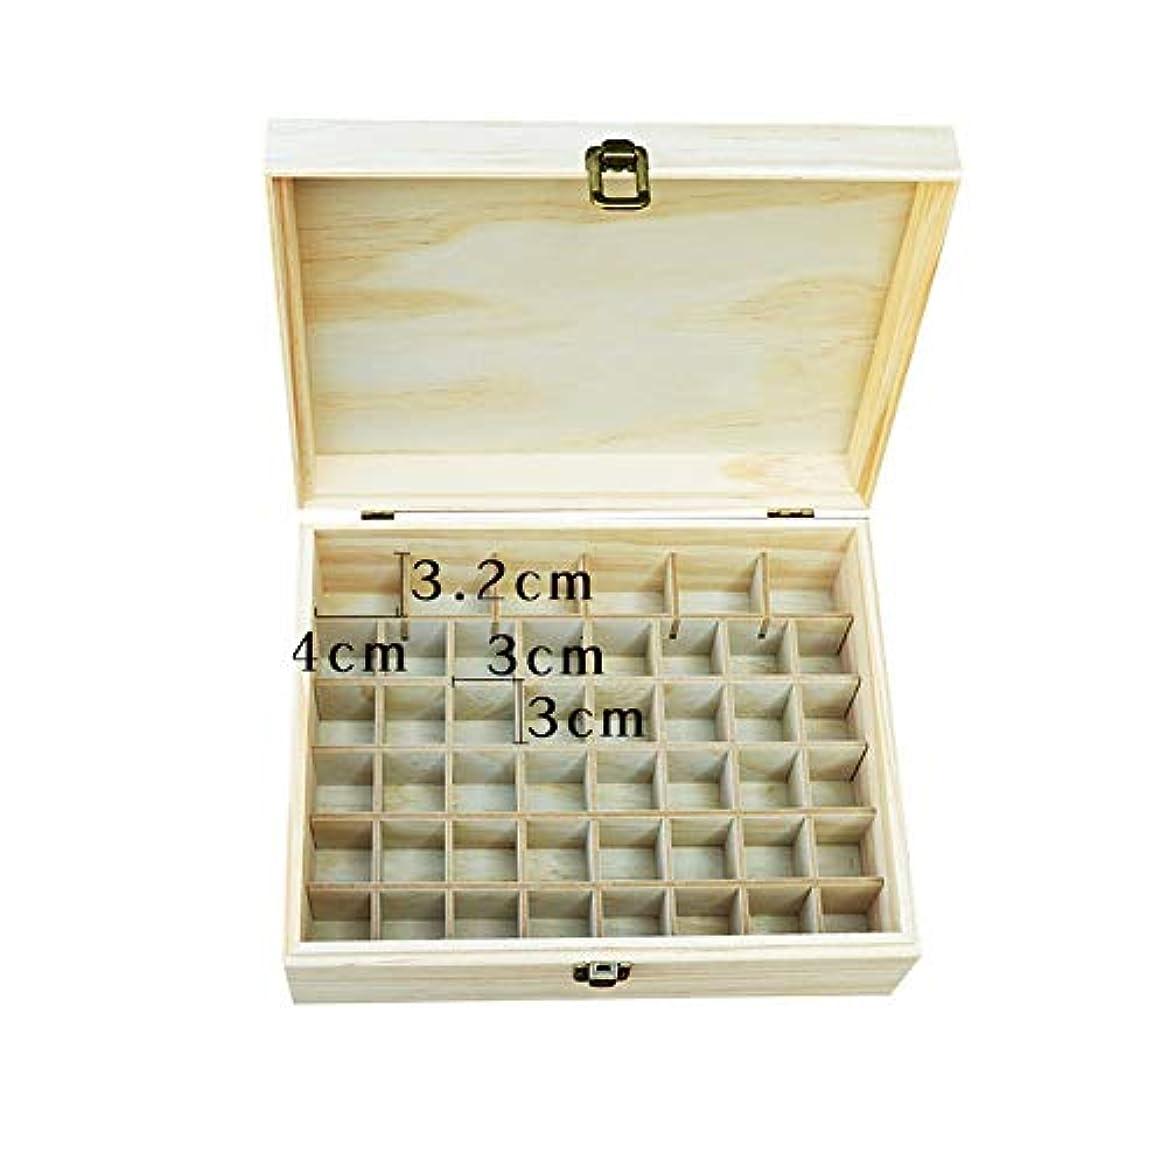 絡まるボウリングダニ大46ボトル木製のエッセンシャルオイルの収納ボックス アロマセラピー製品 (色 : Natural, サイズ : 22.2X10.2X8.2CM)